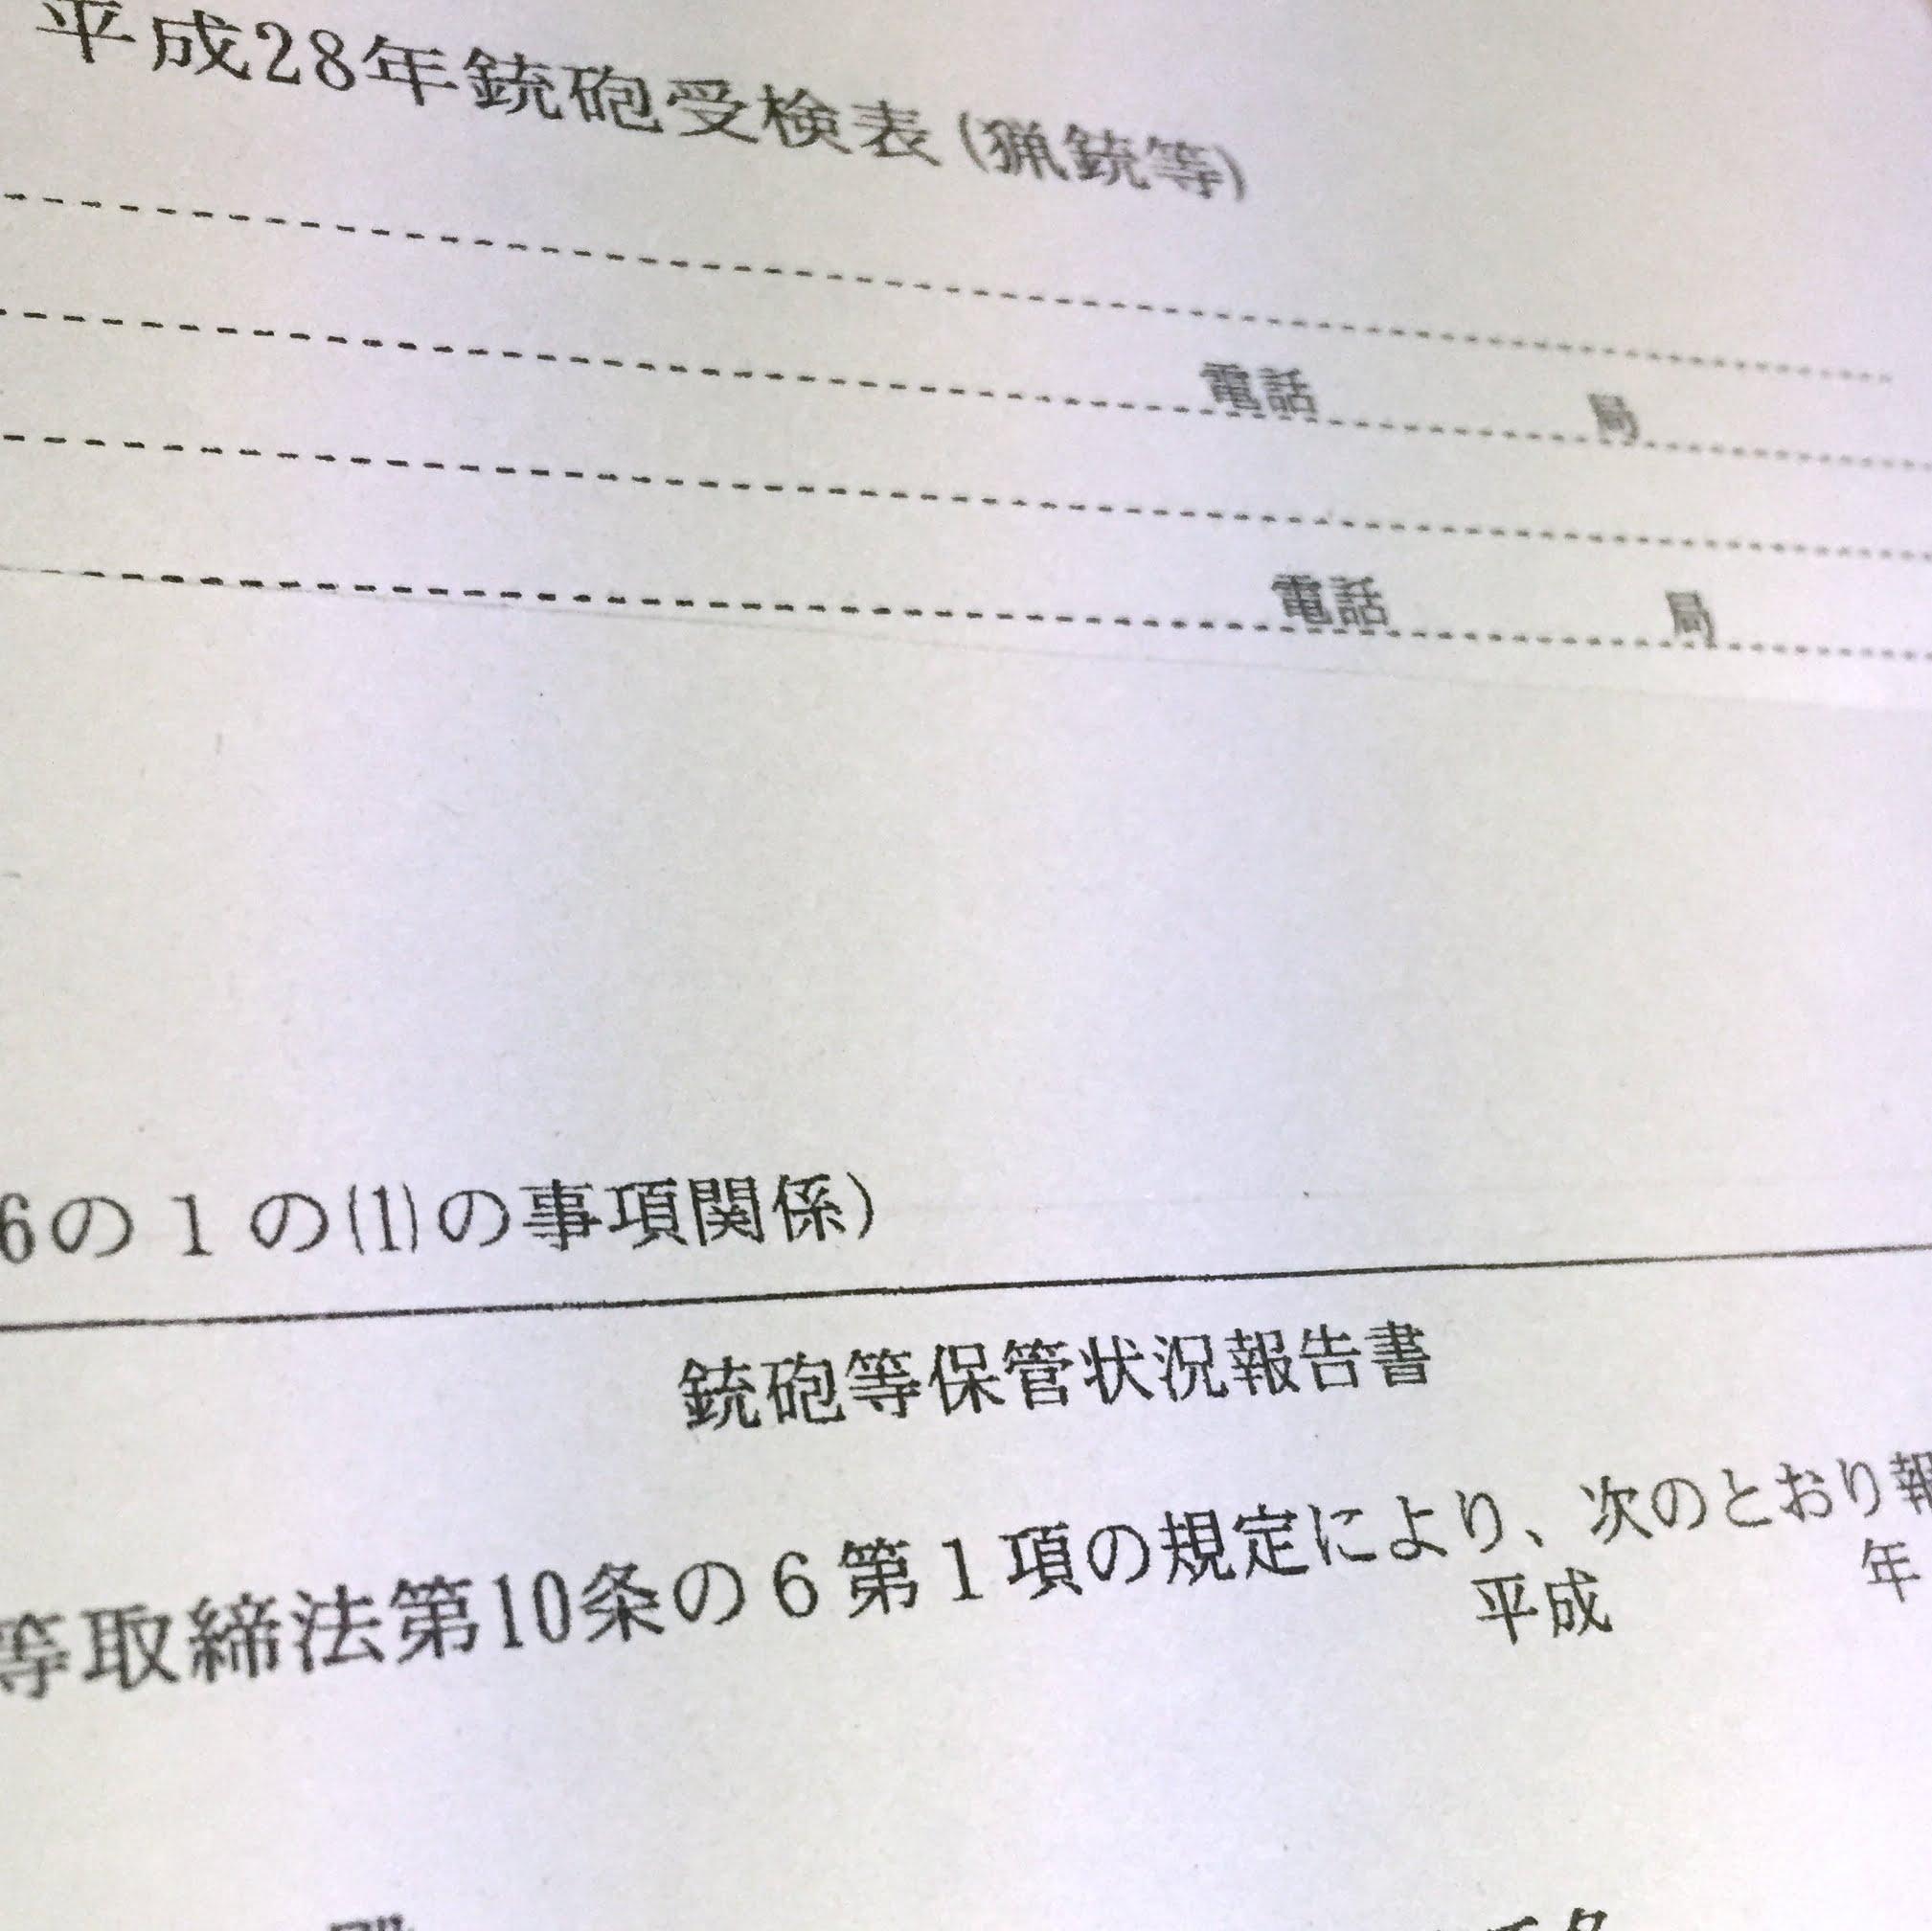 平成28年銃砲刀剣類一斉検査書類[2016年3月]